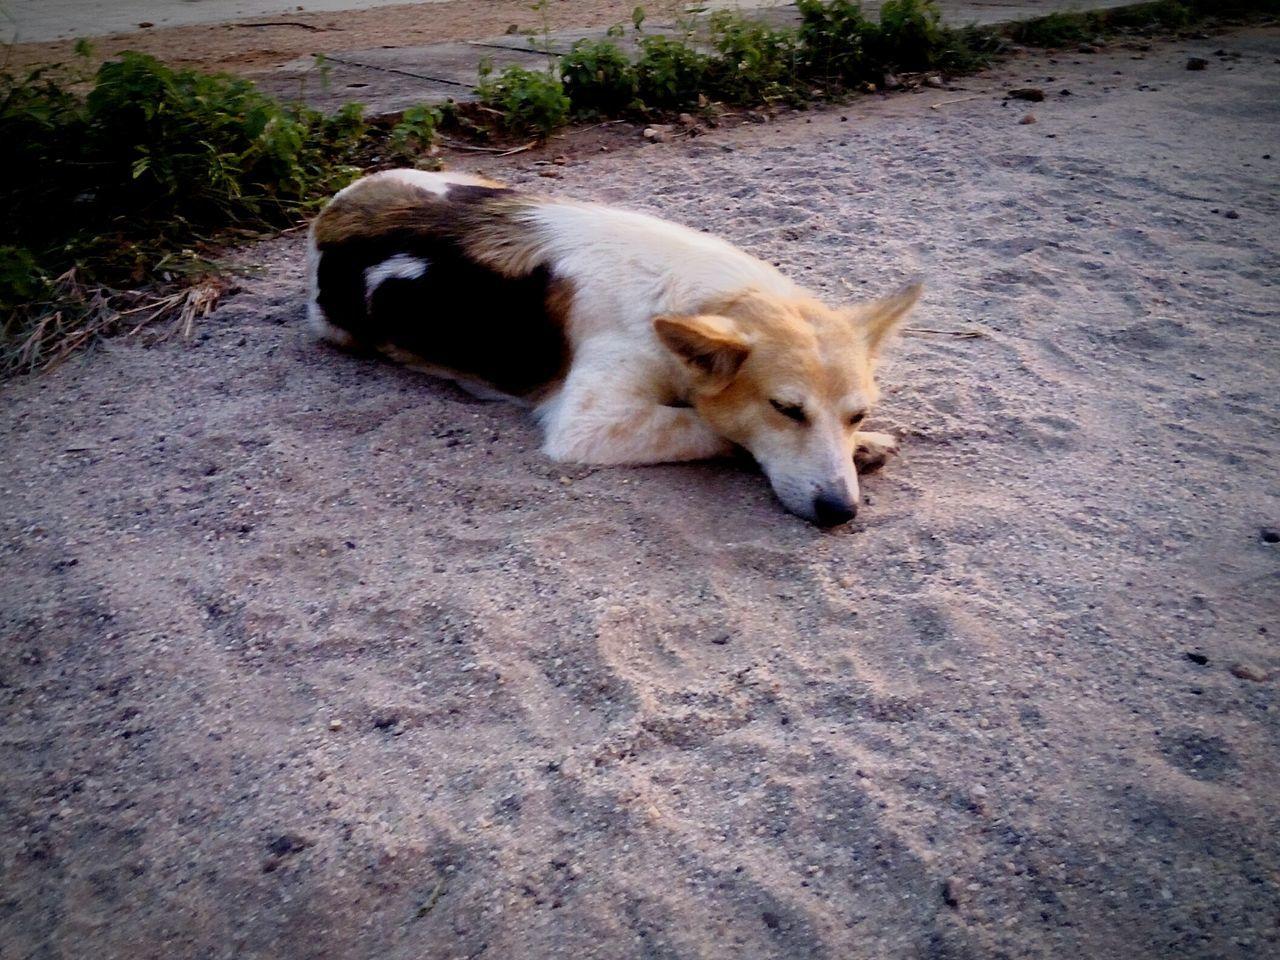 Alone dog thinking evening